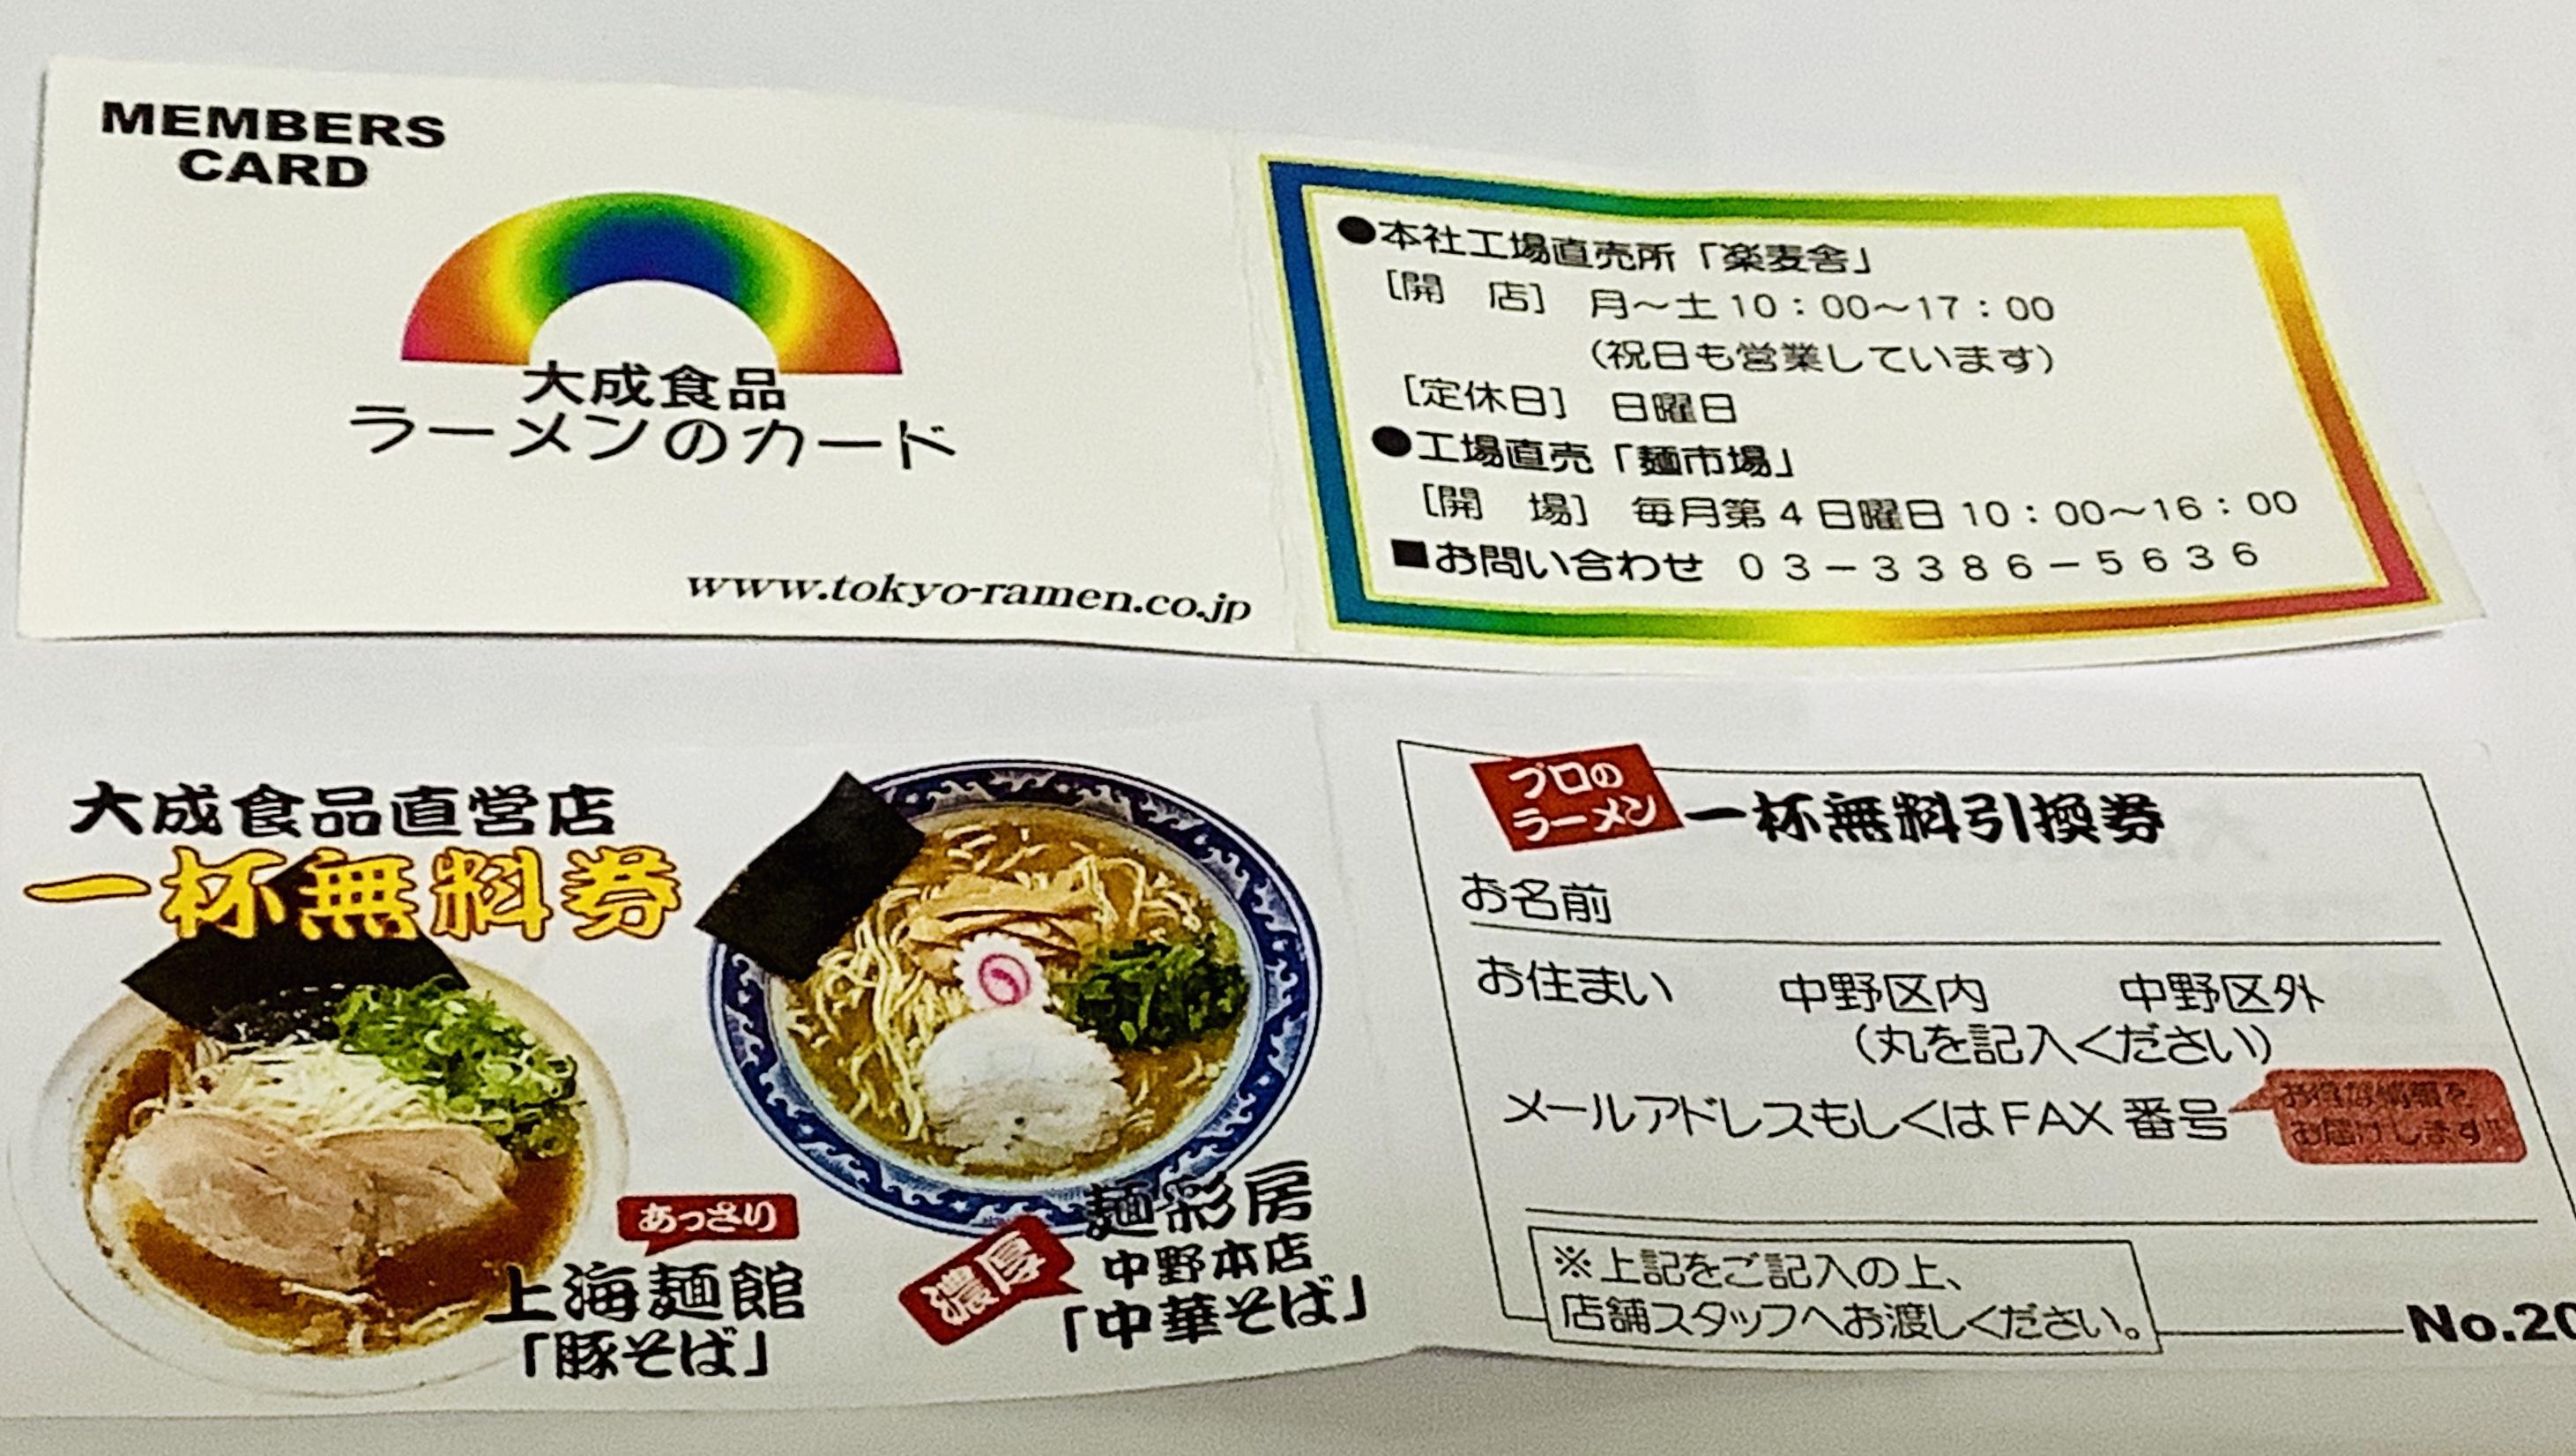 大成食品ラーメンカード表